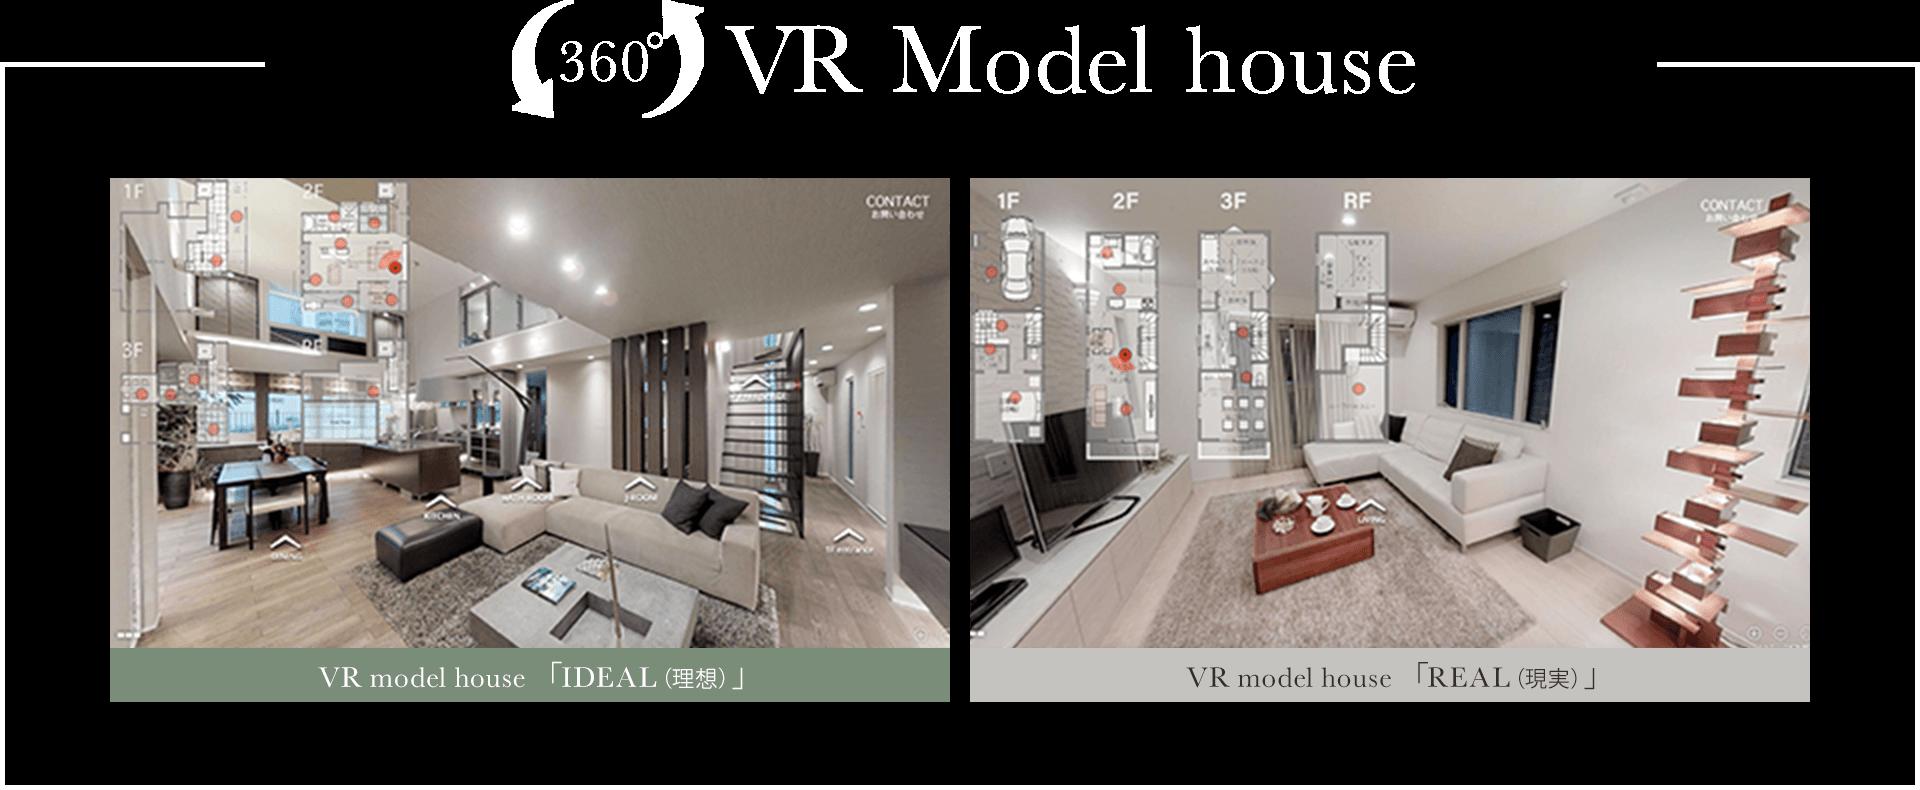 VR Modelhouse